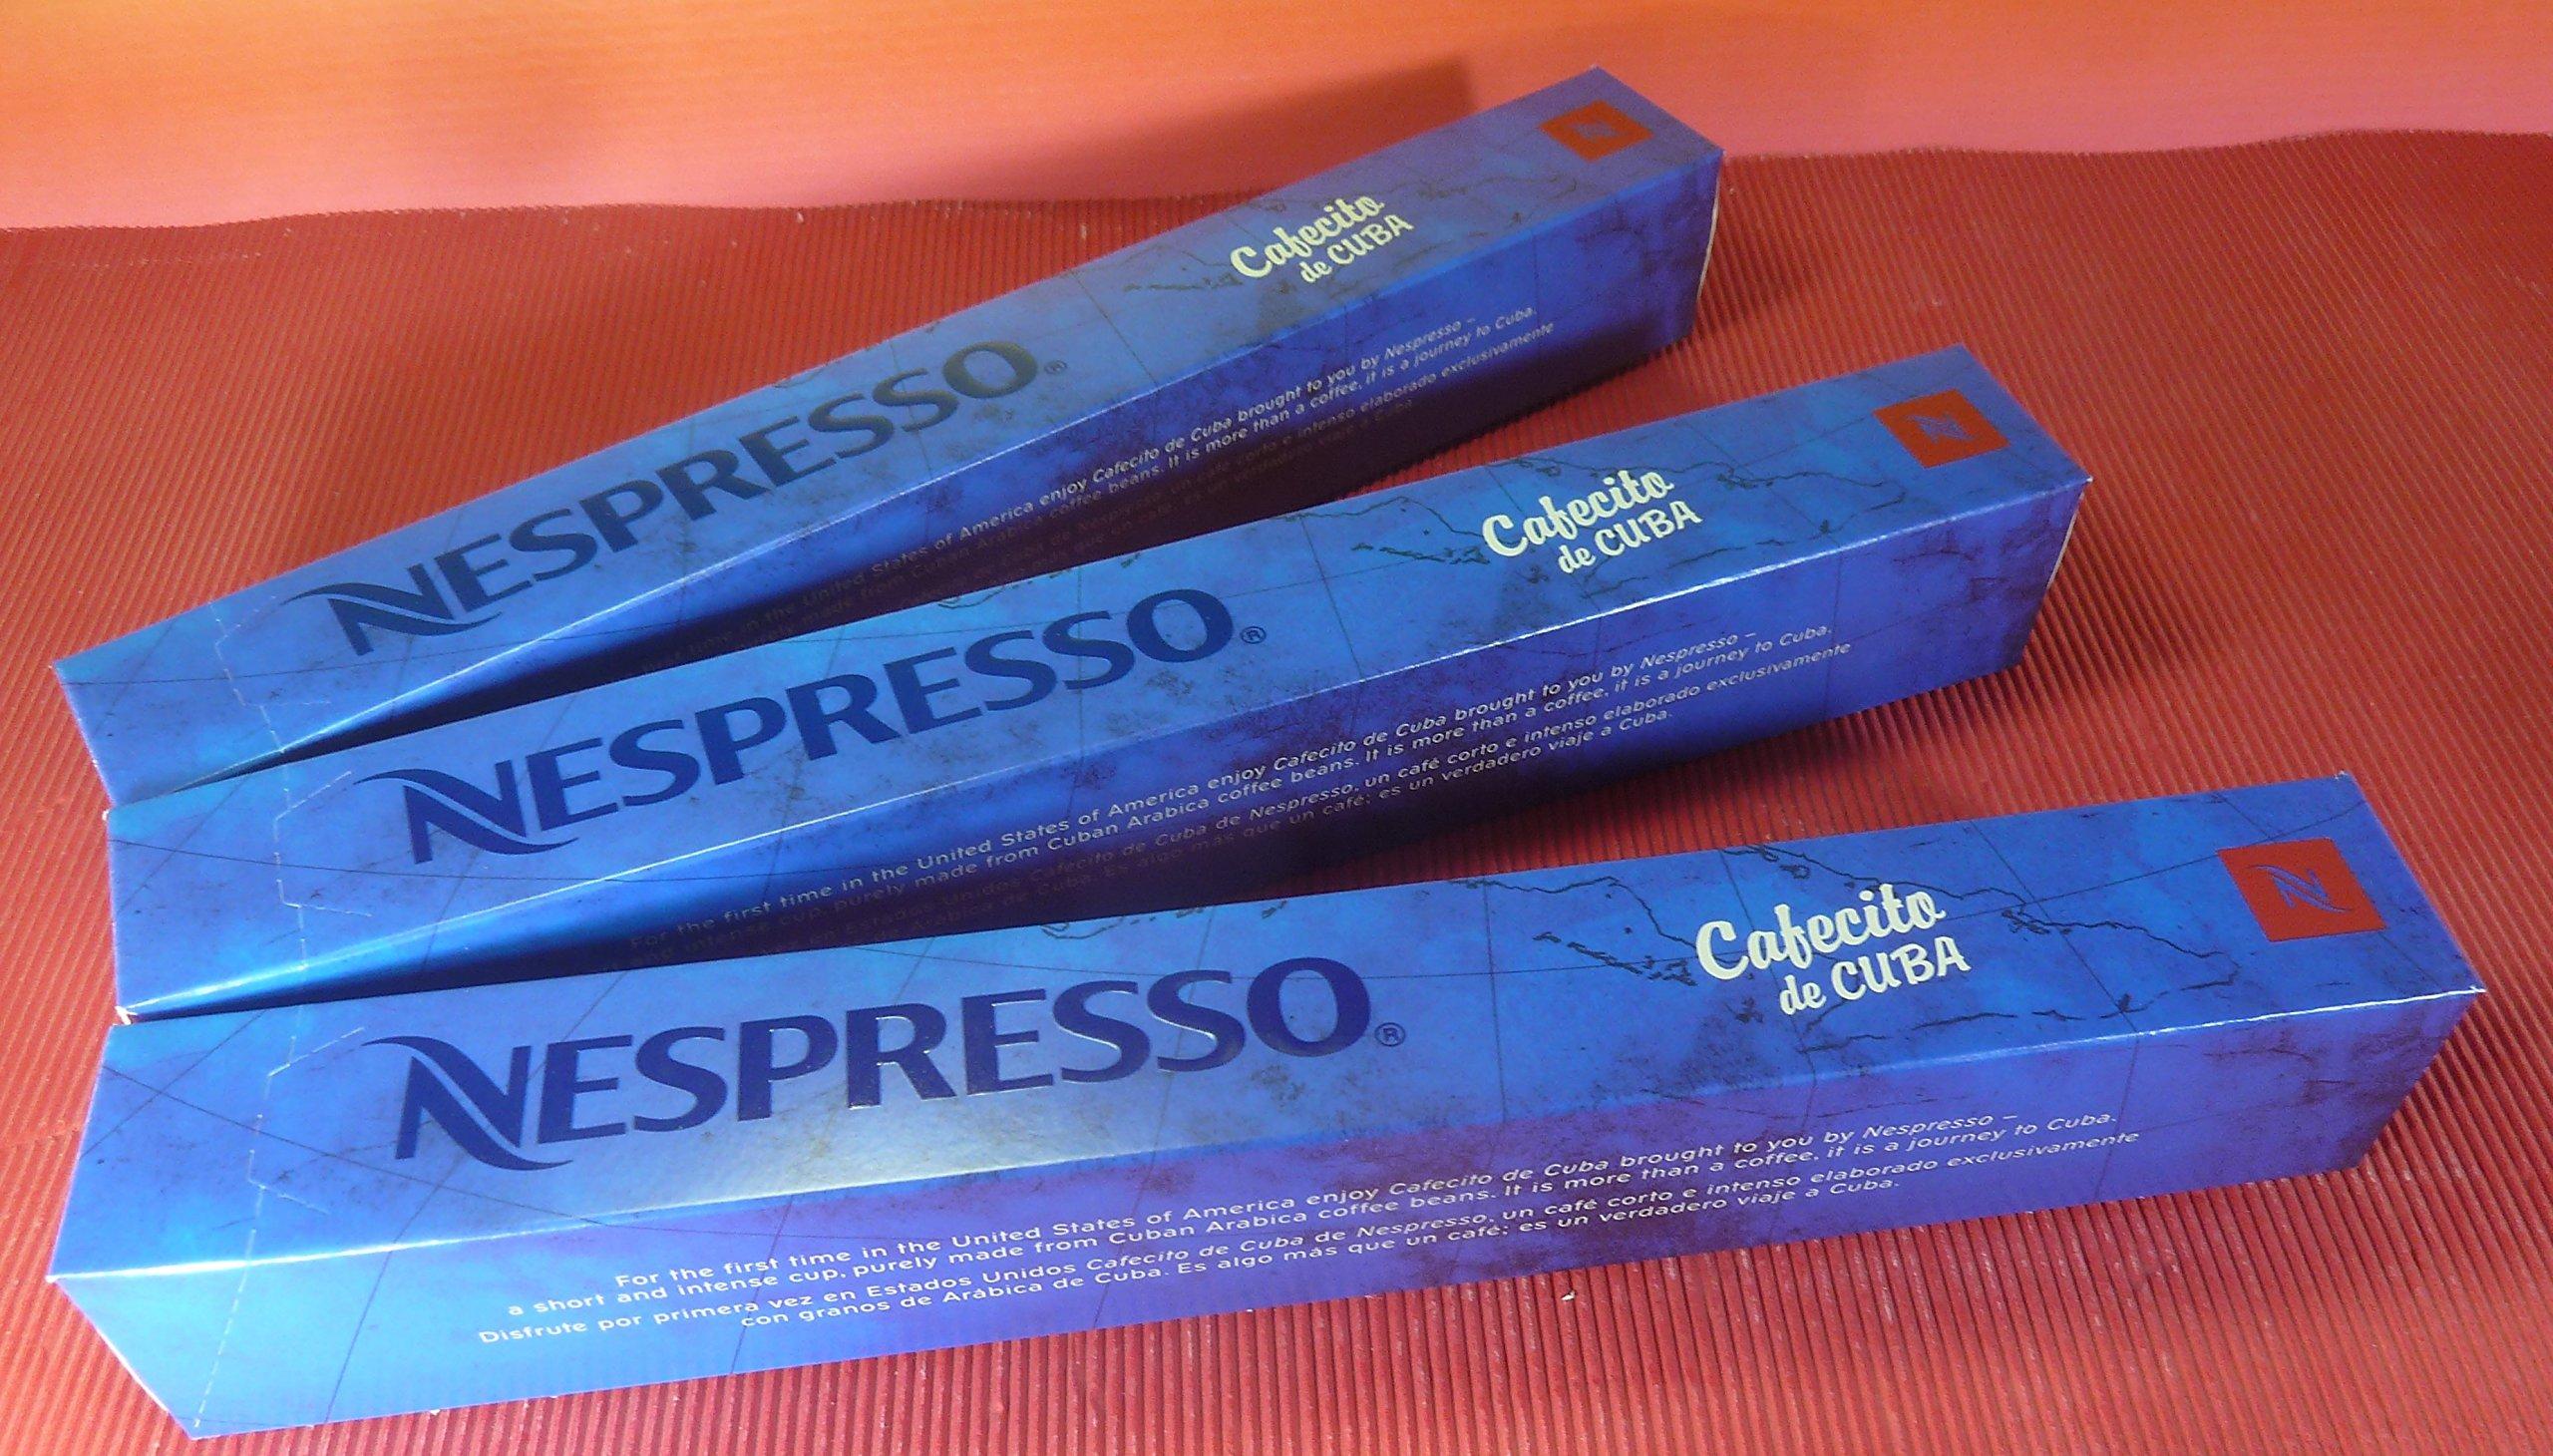 NESPRESSO CAFECITO DE CUBA 3 SLEEVES INTENSITY 10,FRESH